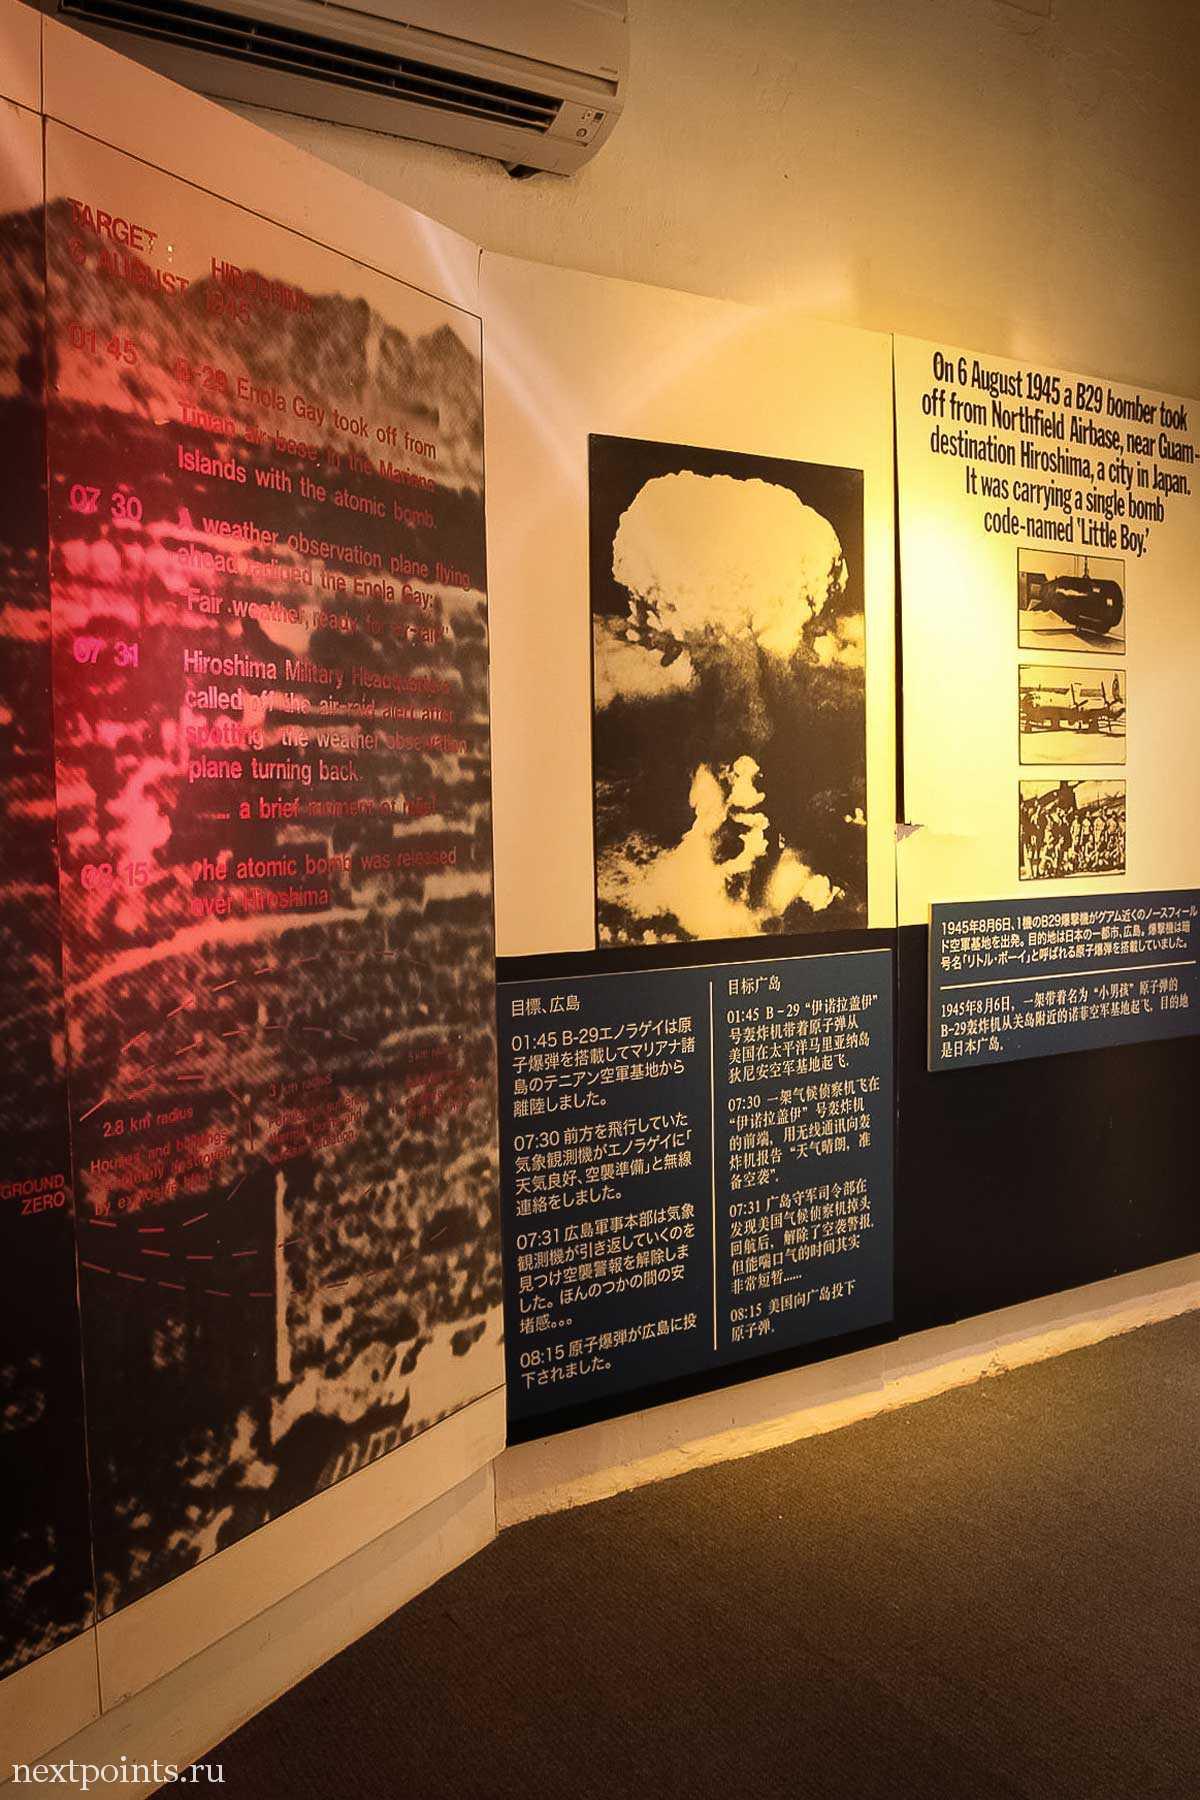 Об атомном взрыве на Хиросиме